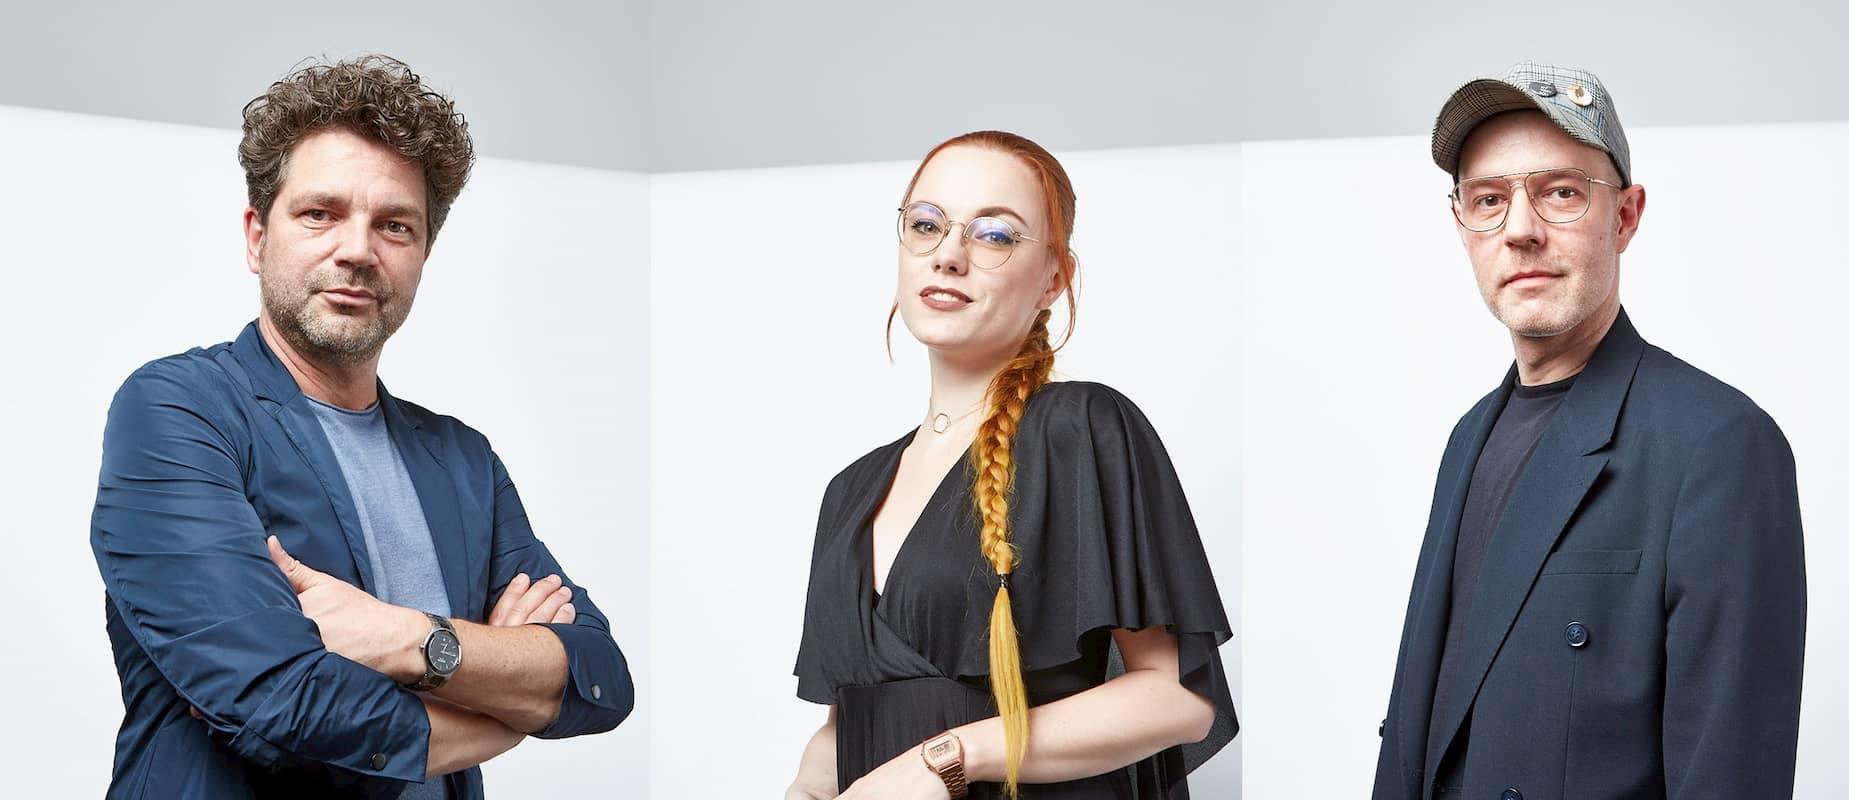 Mode-Team Winter 2021 des Zentralverbandes des Friseurhandwerks - im Bild Antonio Weinitschke, Sarah Scherer und Steven Meth